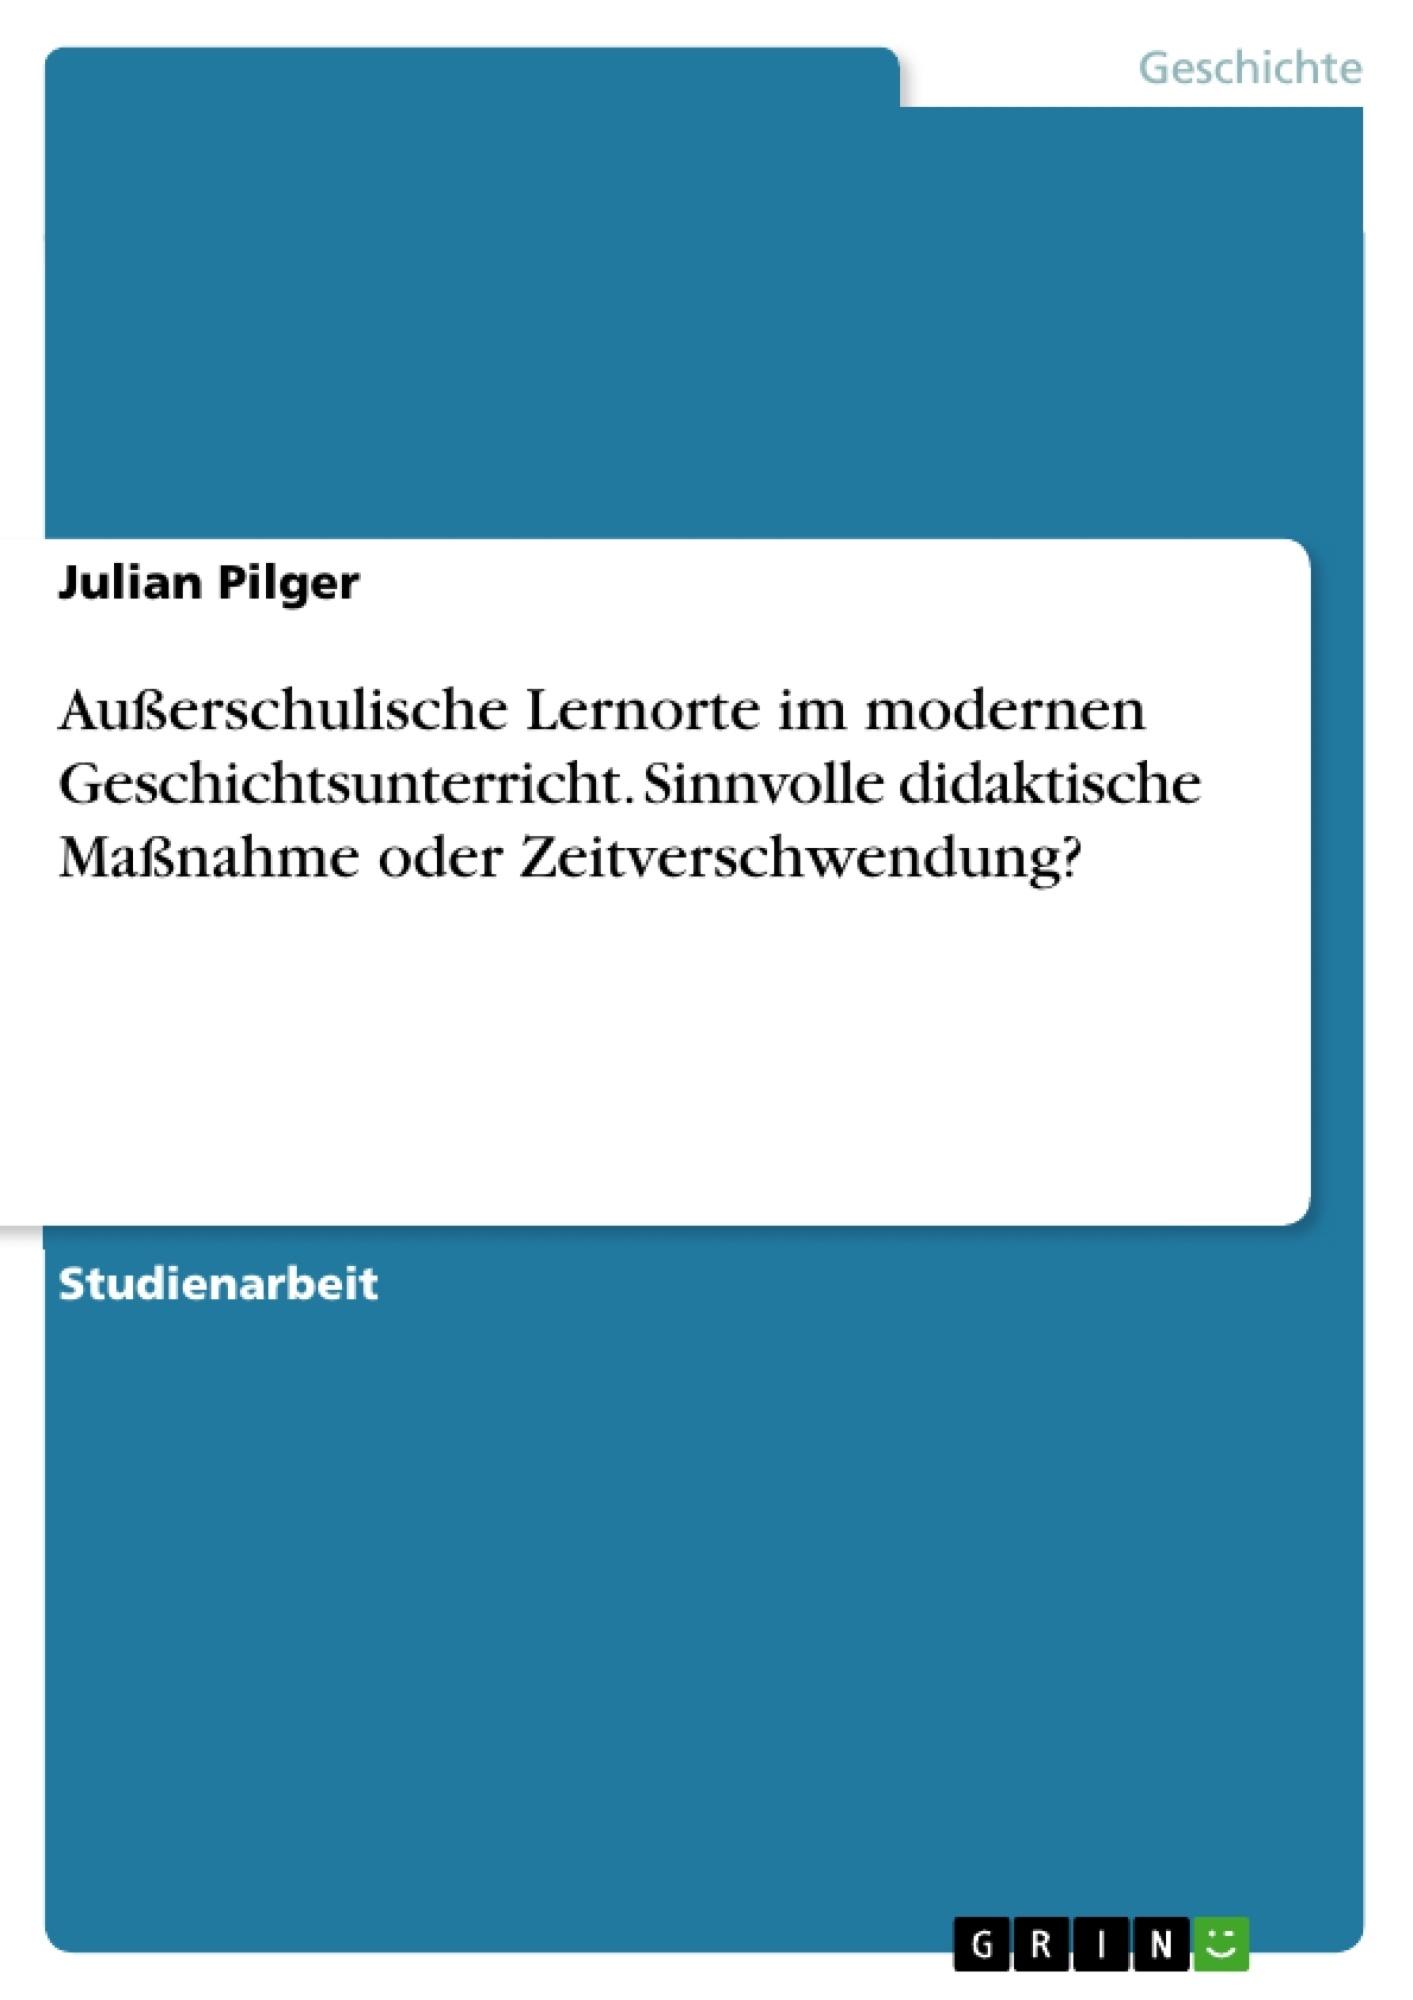 Titel: Außerschulische Lernorte im modernen Geschichtsunterricht. Sinnvolle didaktische Maßnahme oder Zeitverschwendung?